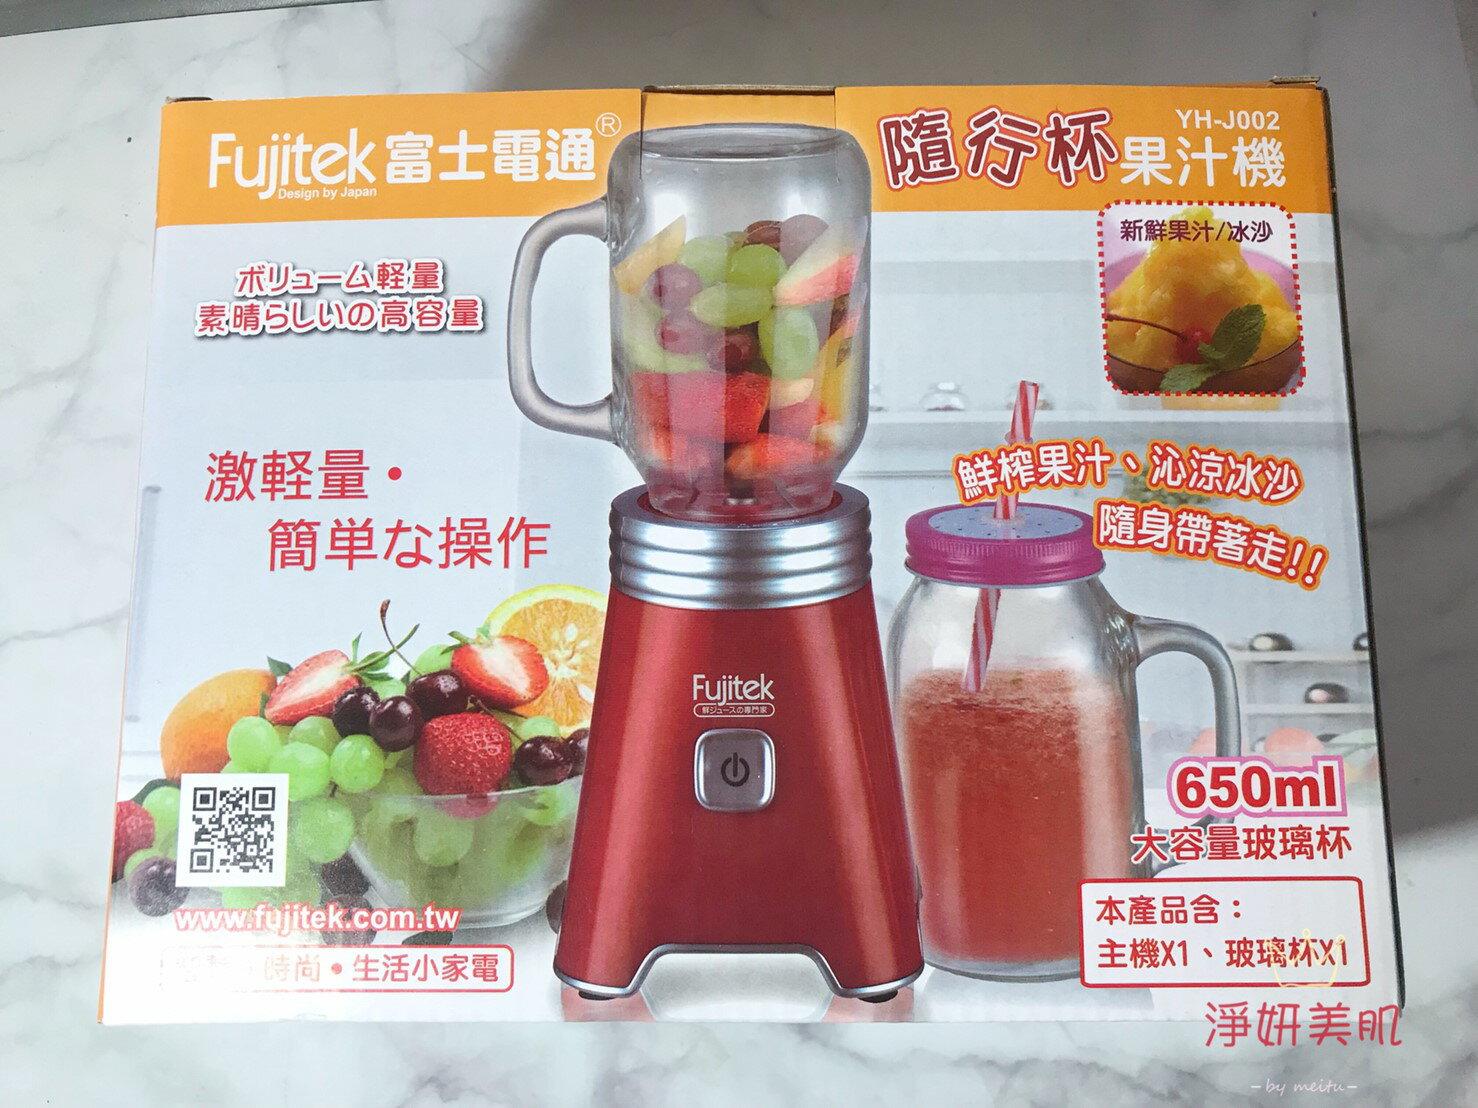 Fujitek 富士電通 隨行杯果汁機 YH-J002 650ml